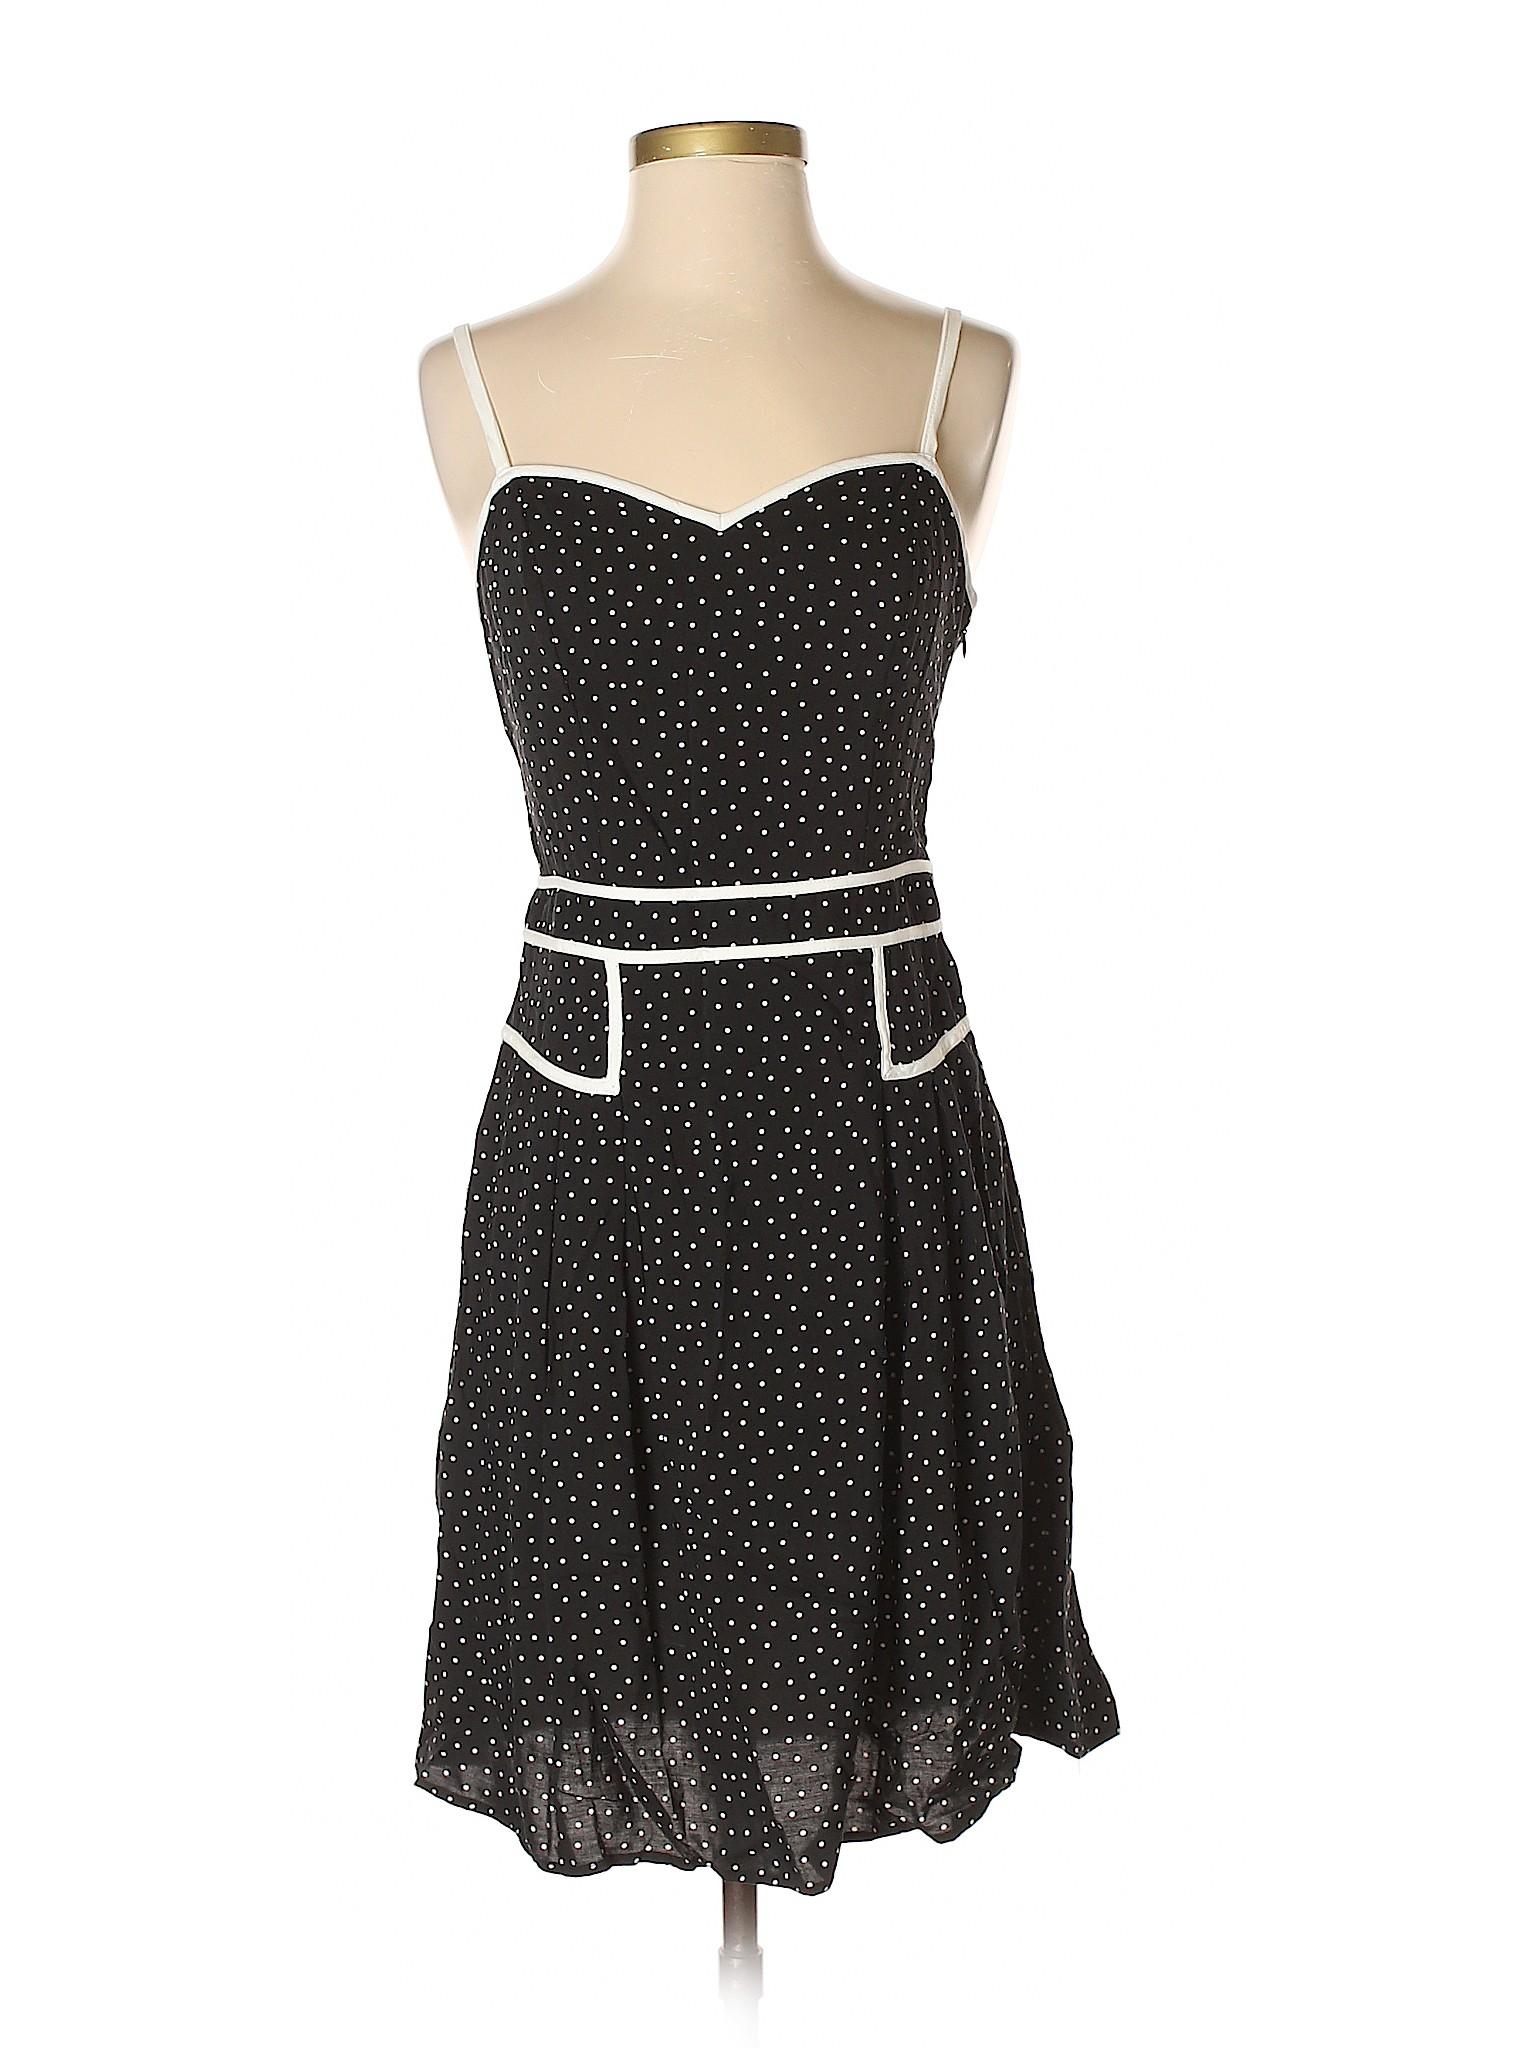 Winter Dress Boutique Elle Boutique Winter Elle Casual qf86tt